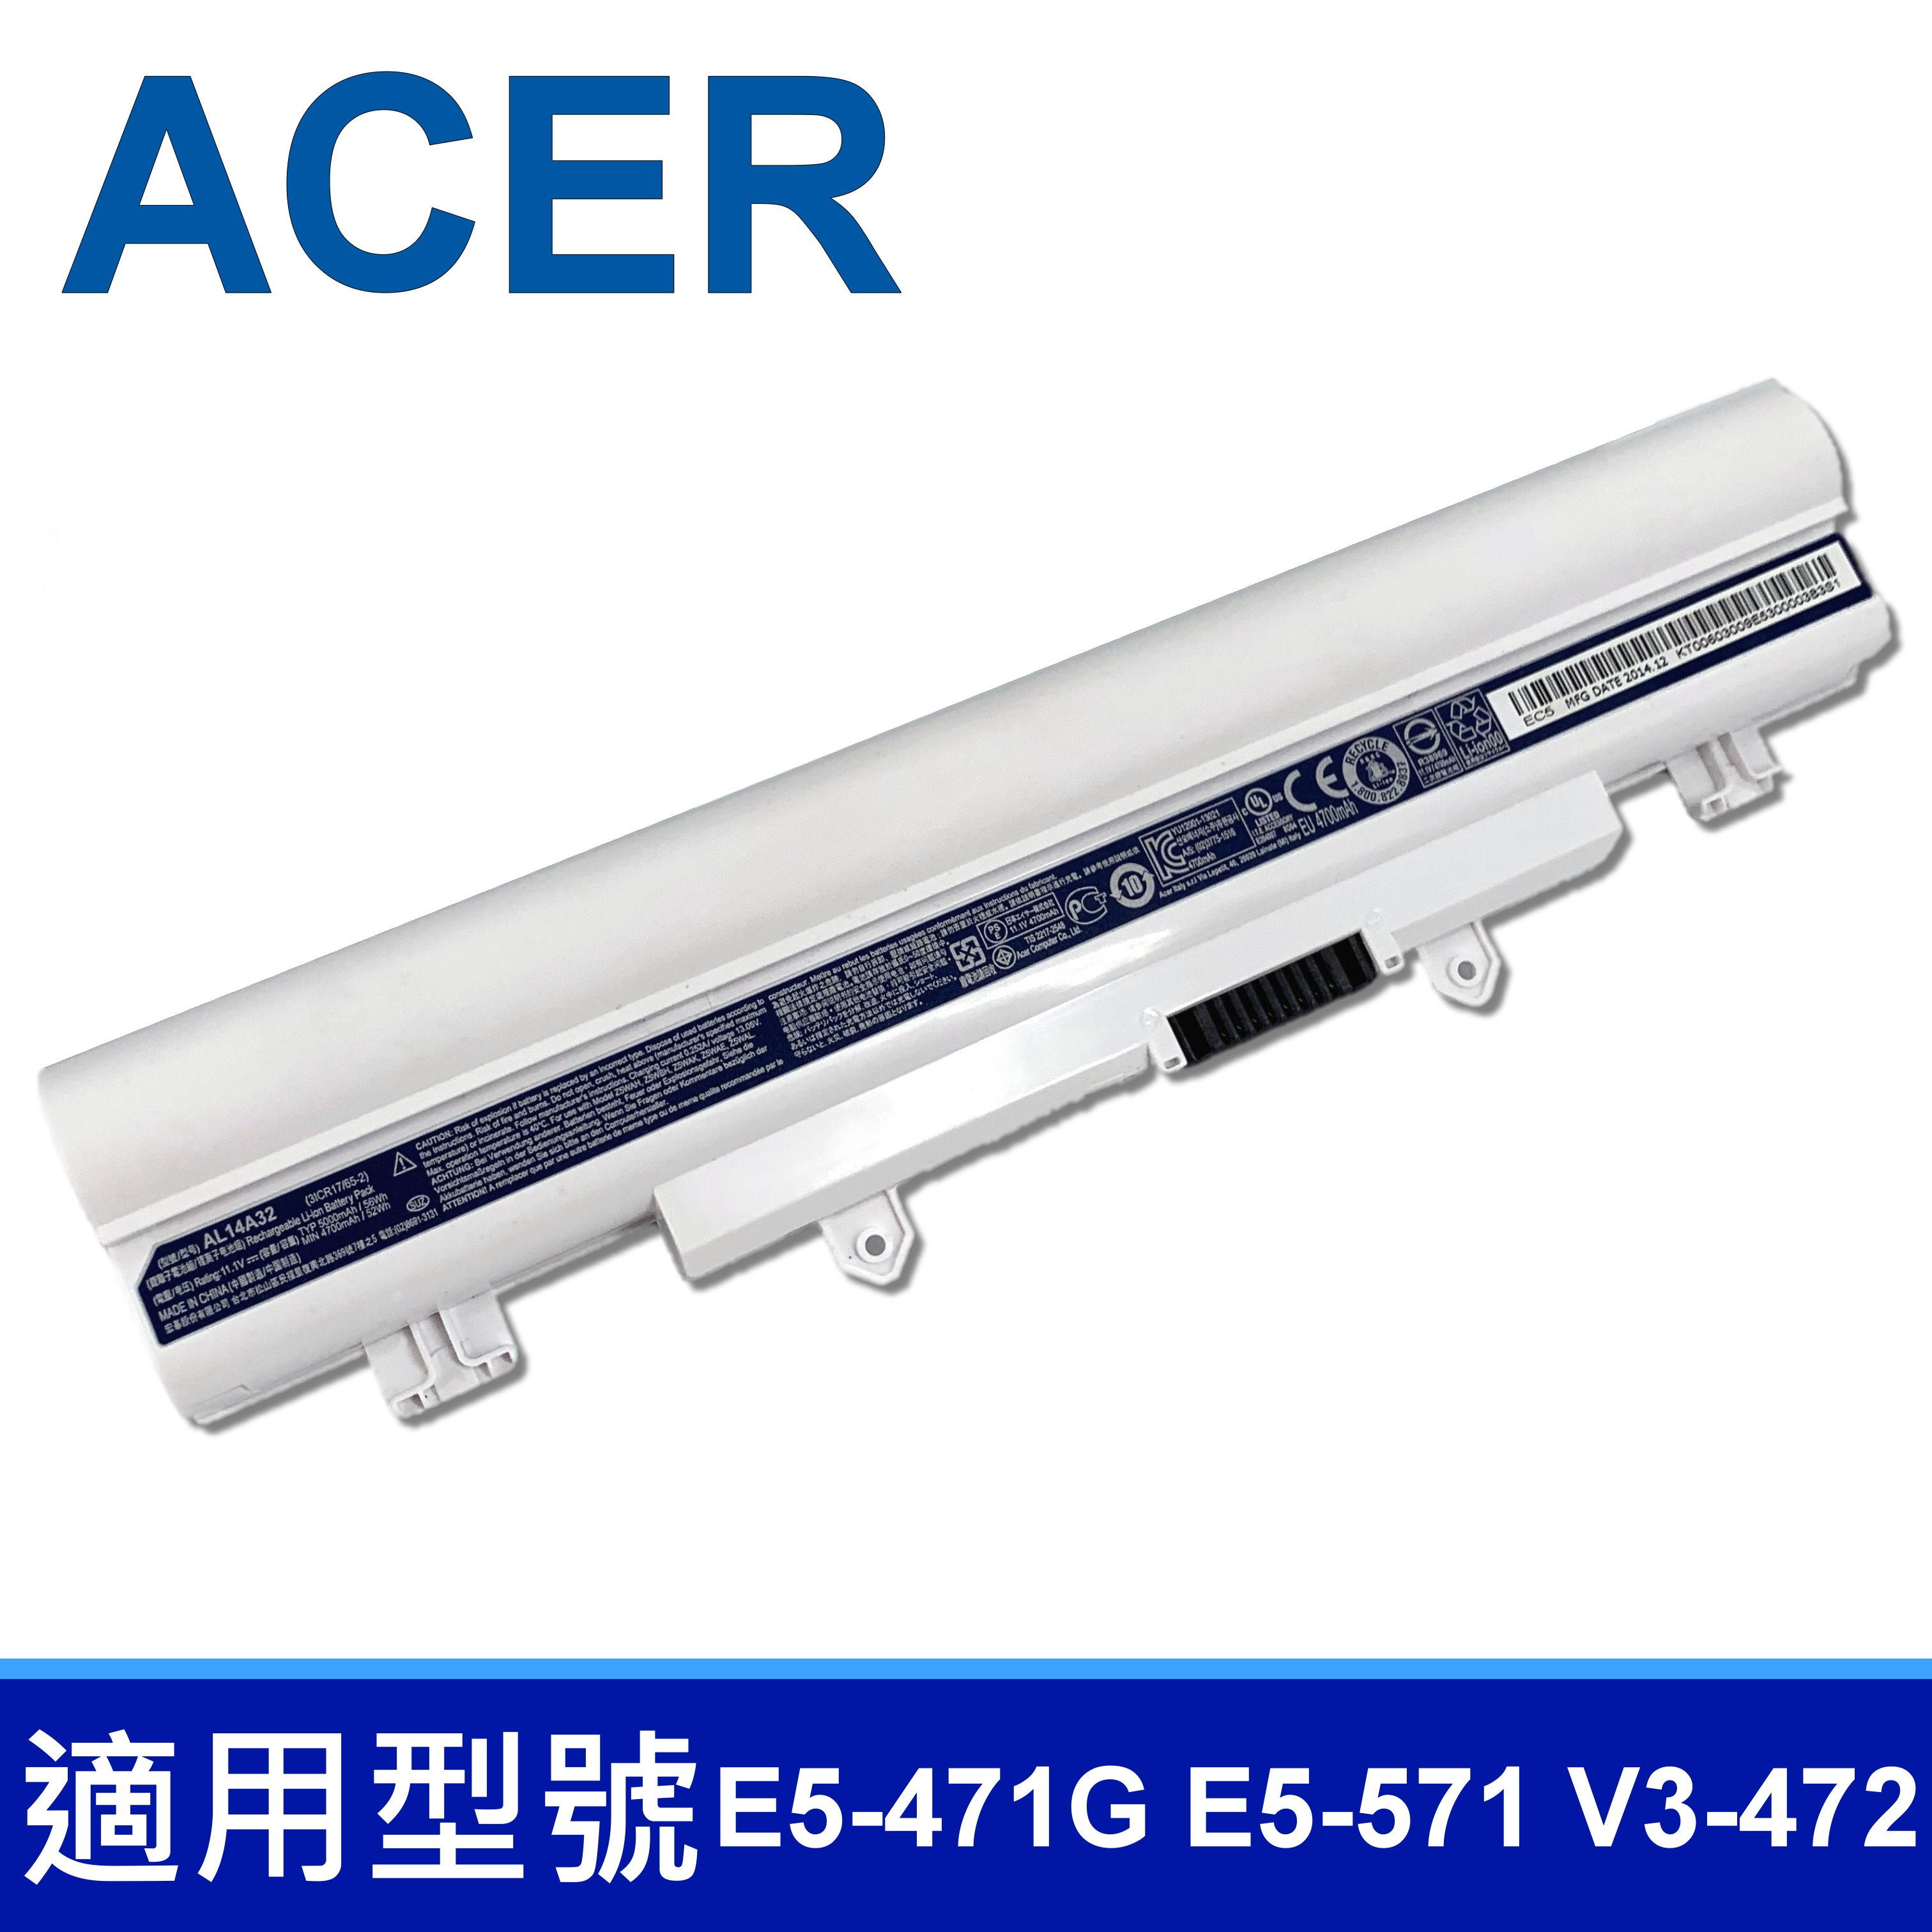 ACER AL14A32 6芯 白色 原廠電池 Aspire E14 E15 E5-411g E5-421 E5-421G E5-471 E5-471G E5-471P E5-471PG E5-511 E5-511G E5-511P E5-571 E5-571G E5-571P E5-571PG E5-572 E5-572G V3-472 EX2510G